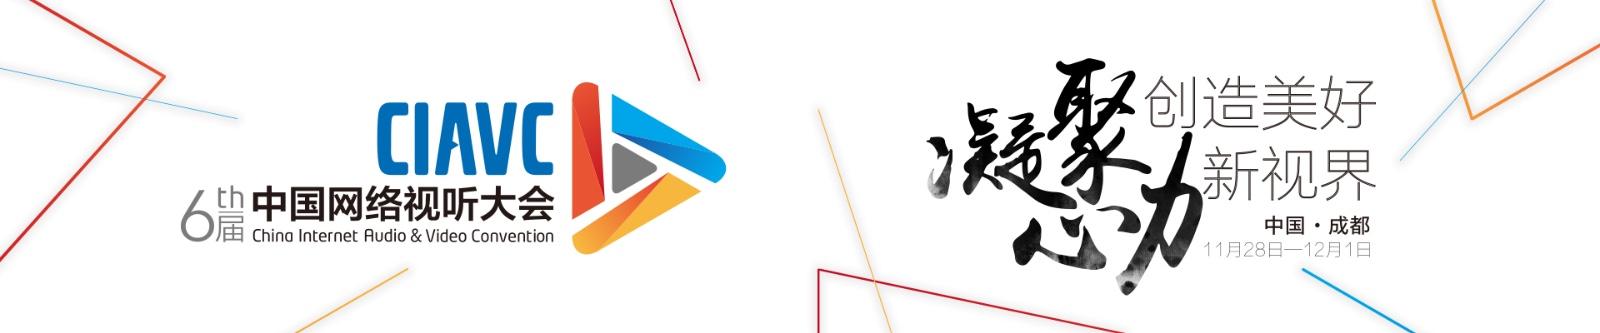 灵跃桌面云参与2018年中国网络视听大会,展现时代鲜科技